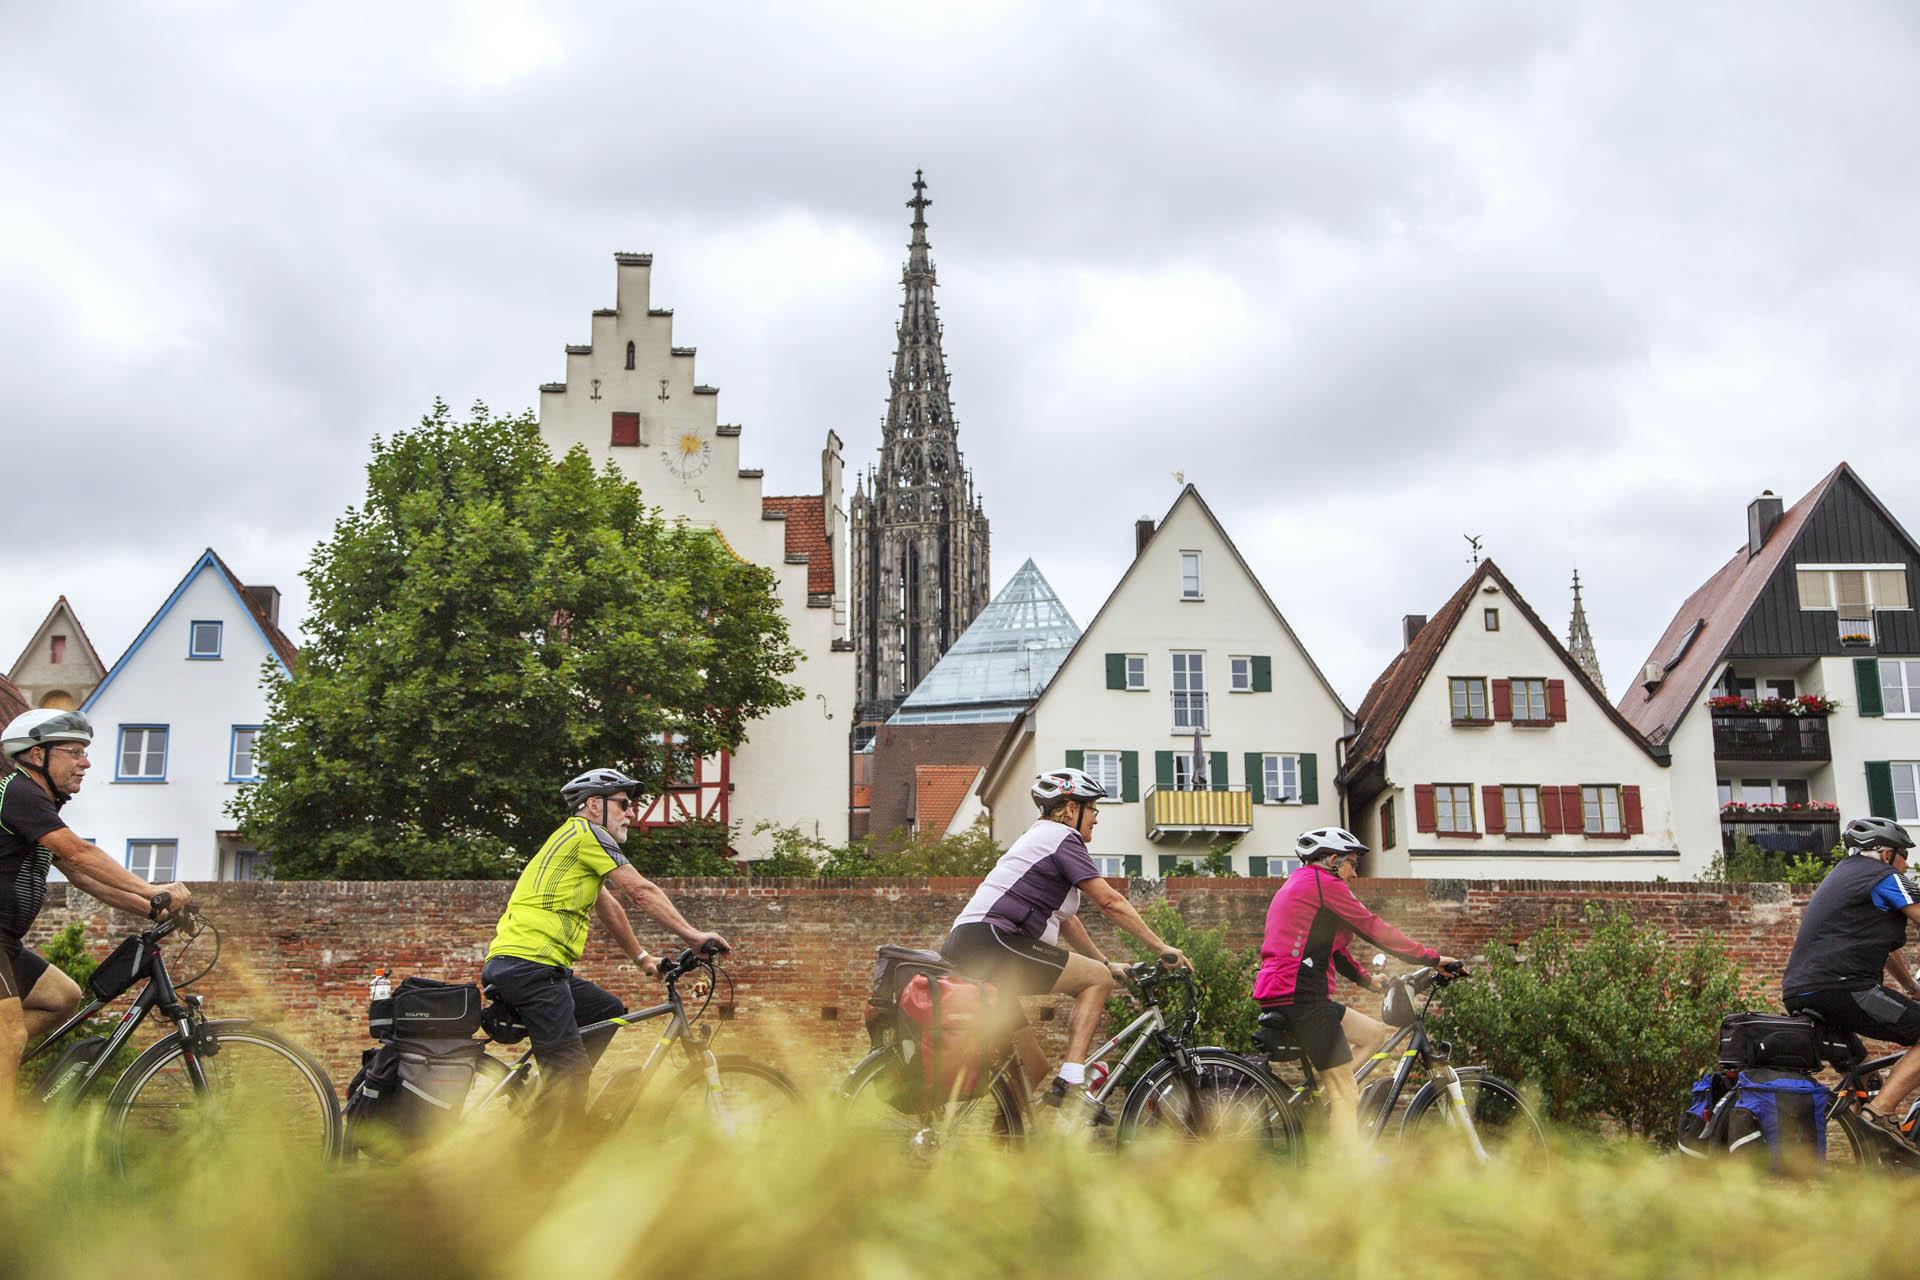 Radfahrer entlang der Donau in Ulm